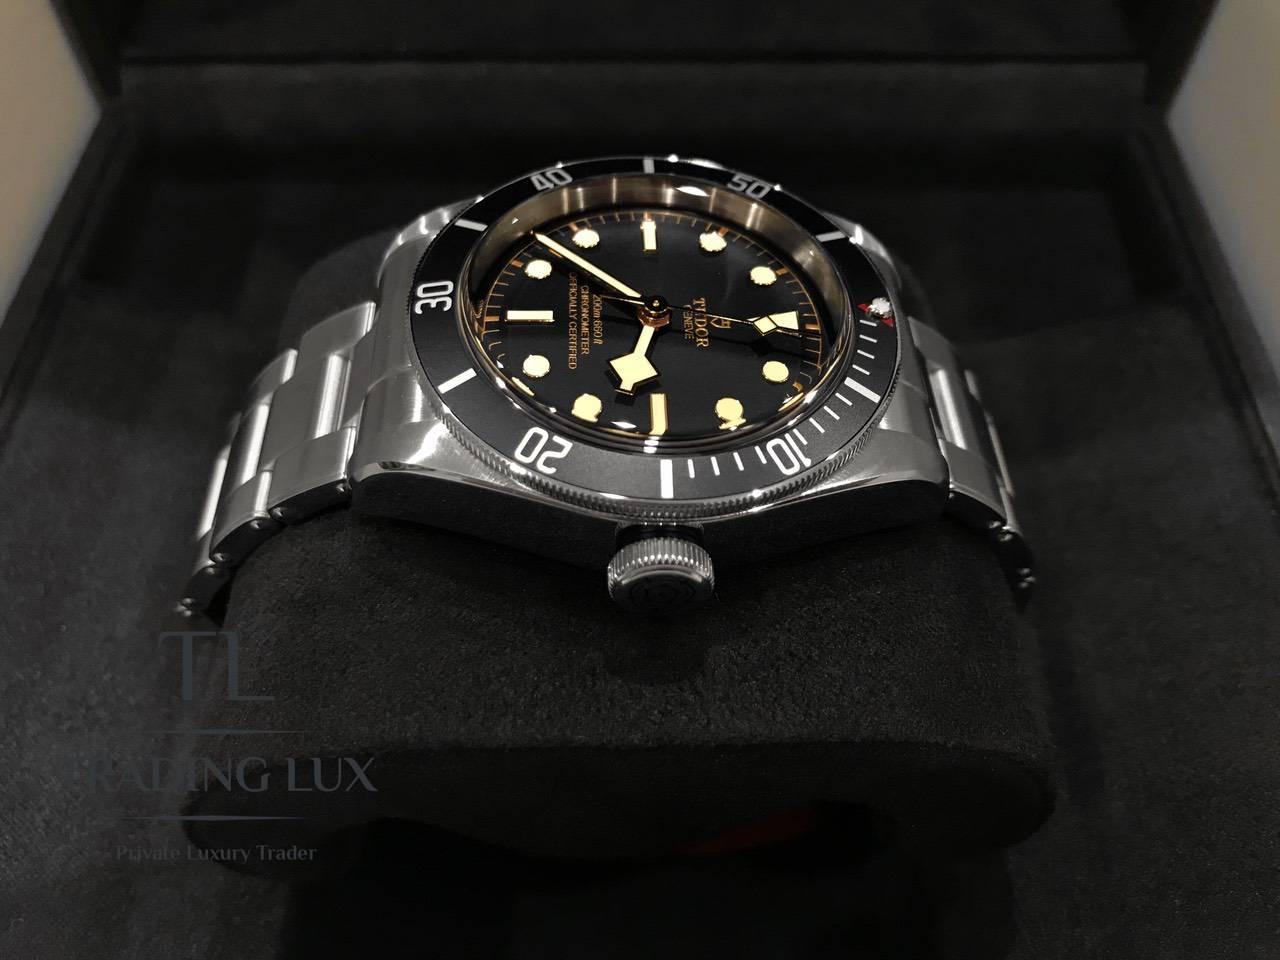 Tudor-Black-Bay-79230N-5